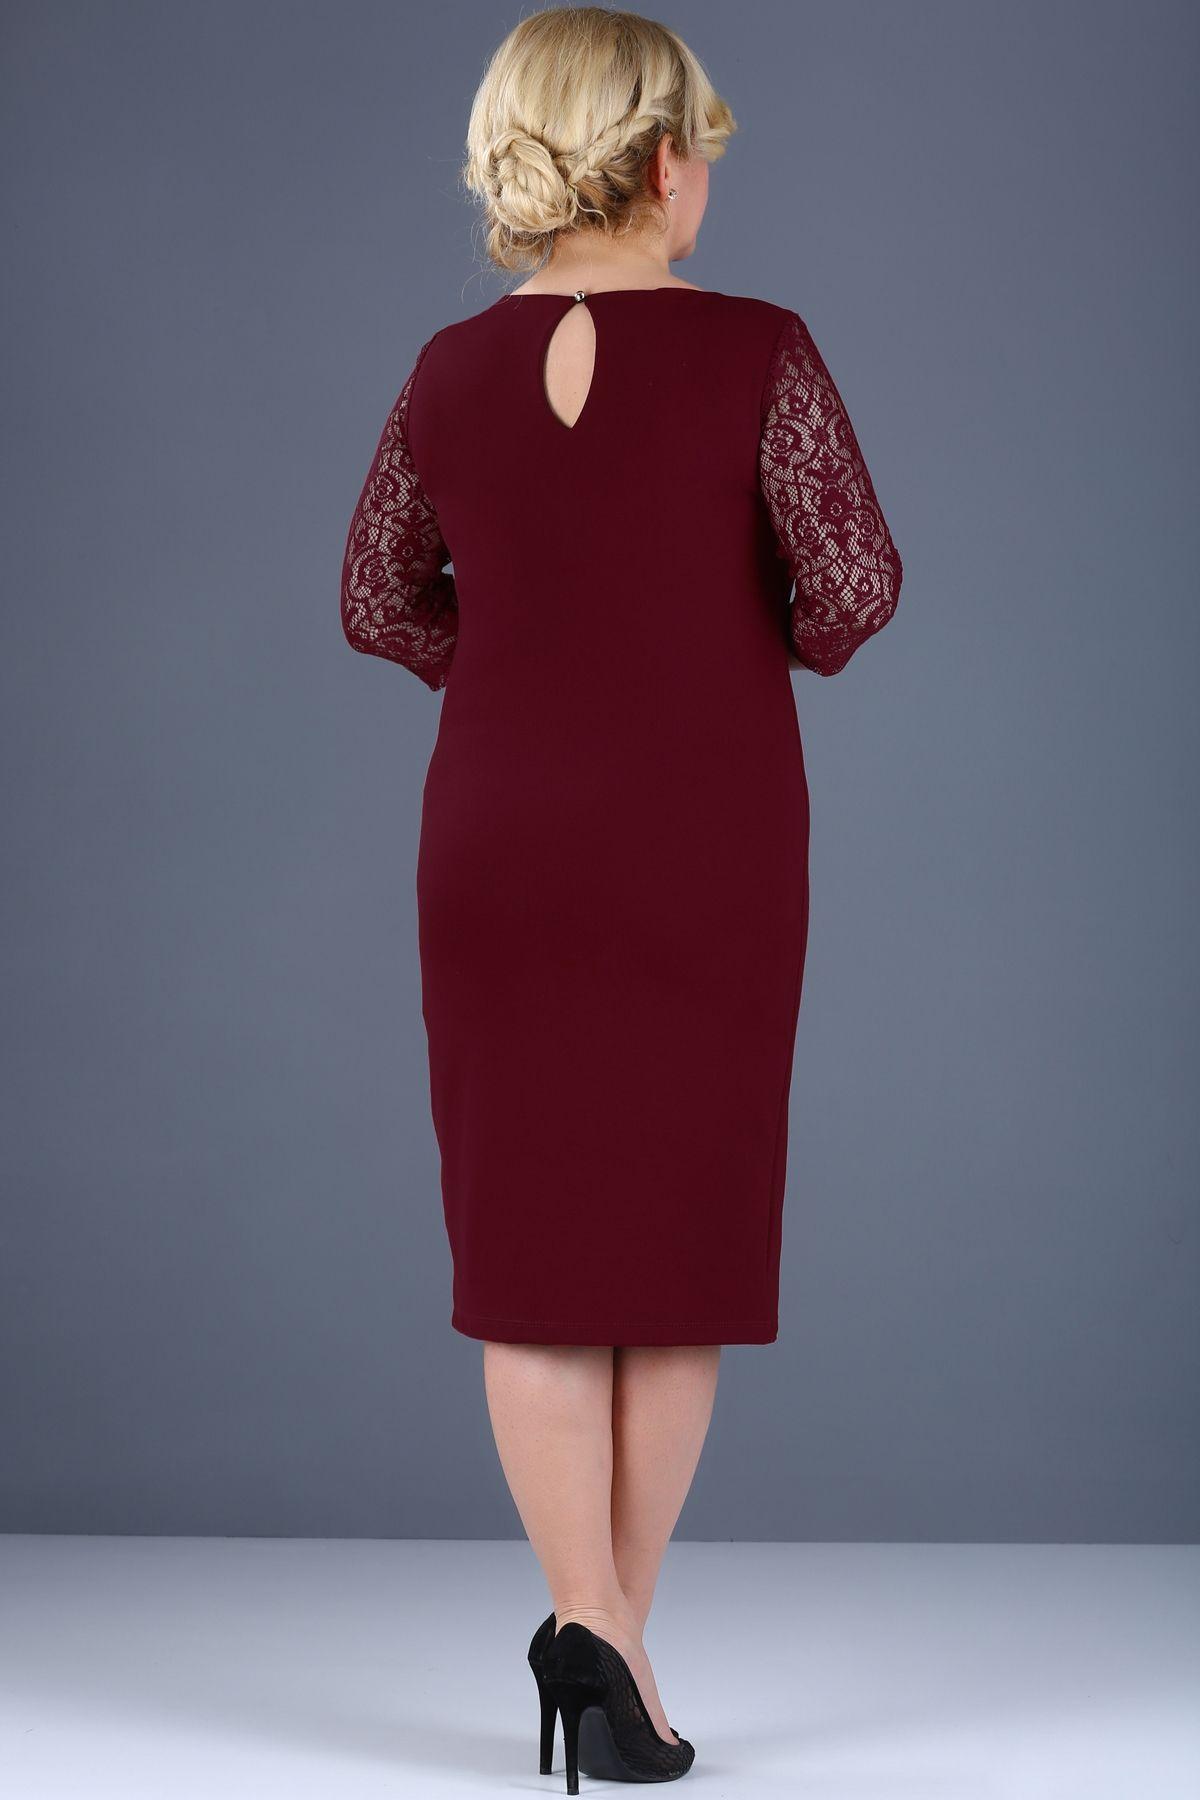 Patirti Elbise Modelleri Ile Ilgili Gorsel Sonucu Elbise Modelleri Elbise Satin